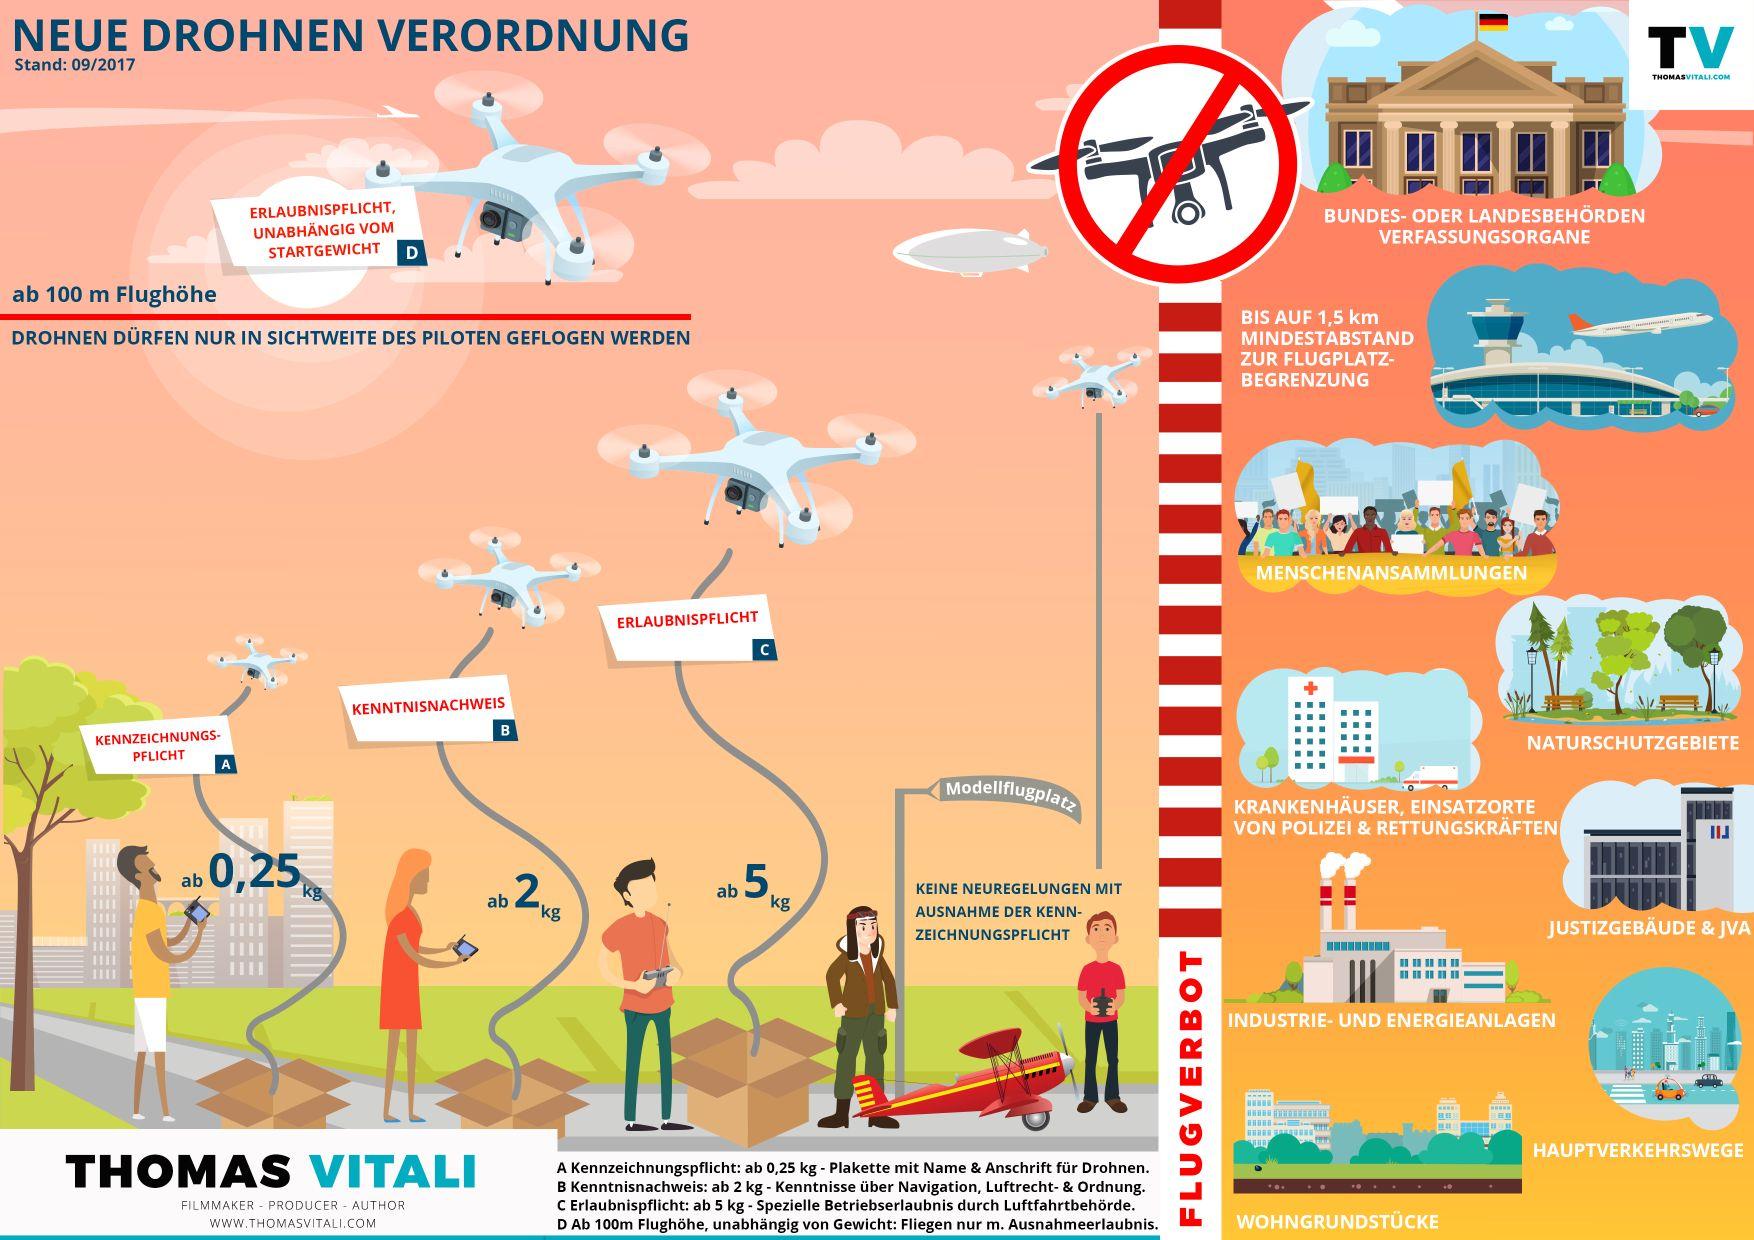 Drohnen Verordnung Oktober 2017